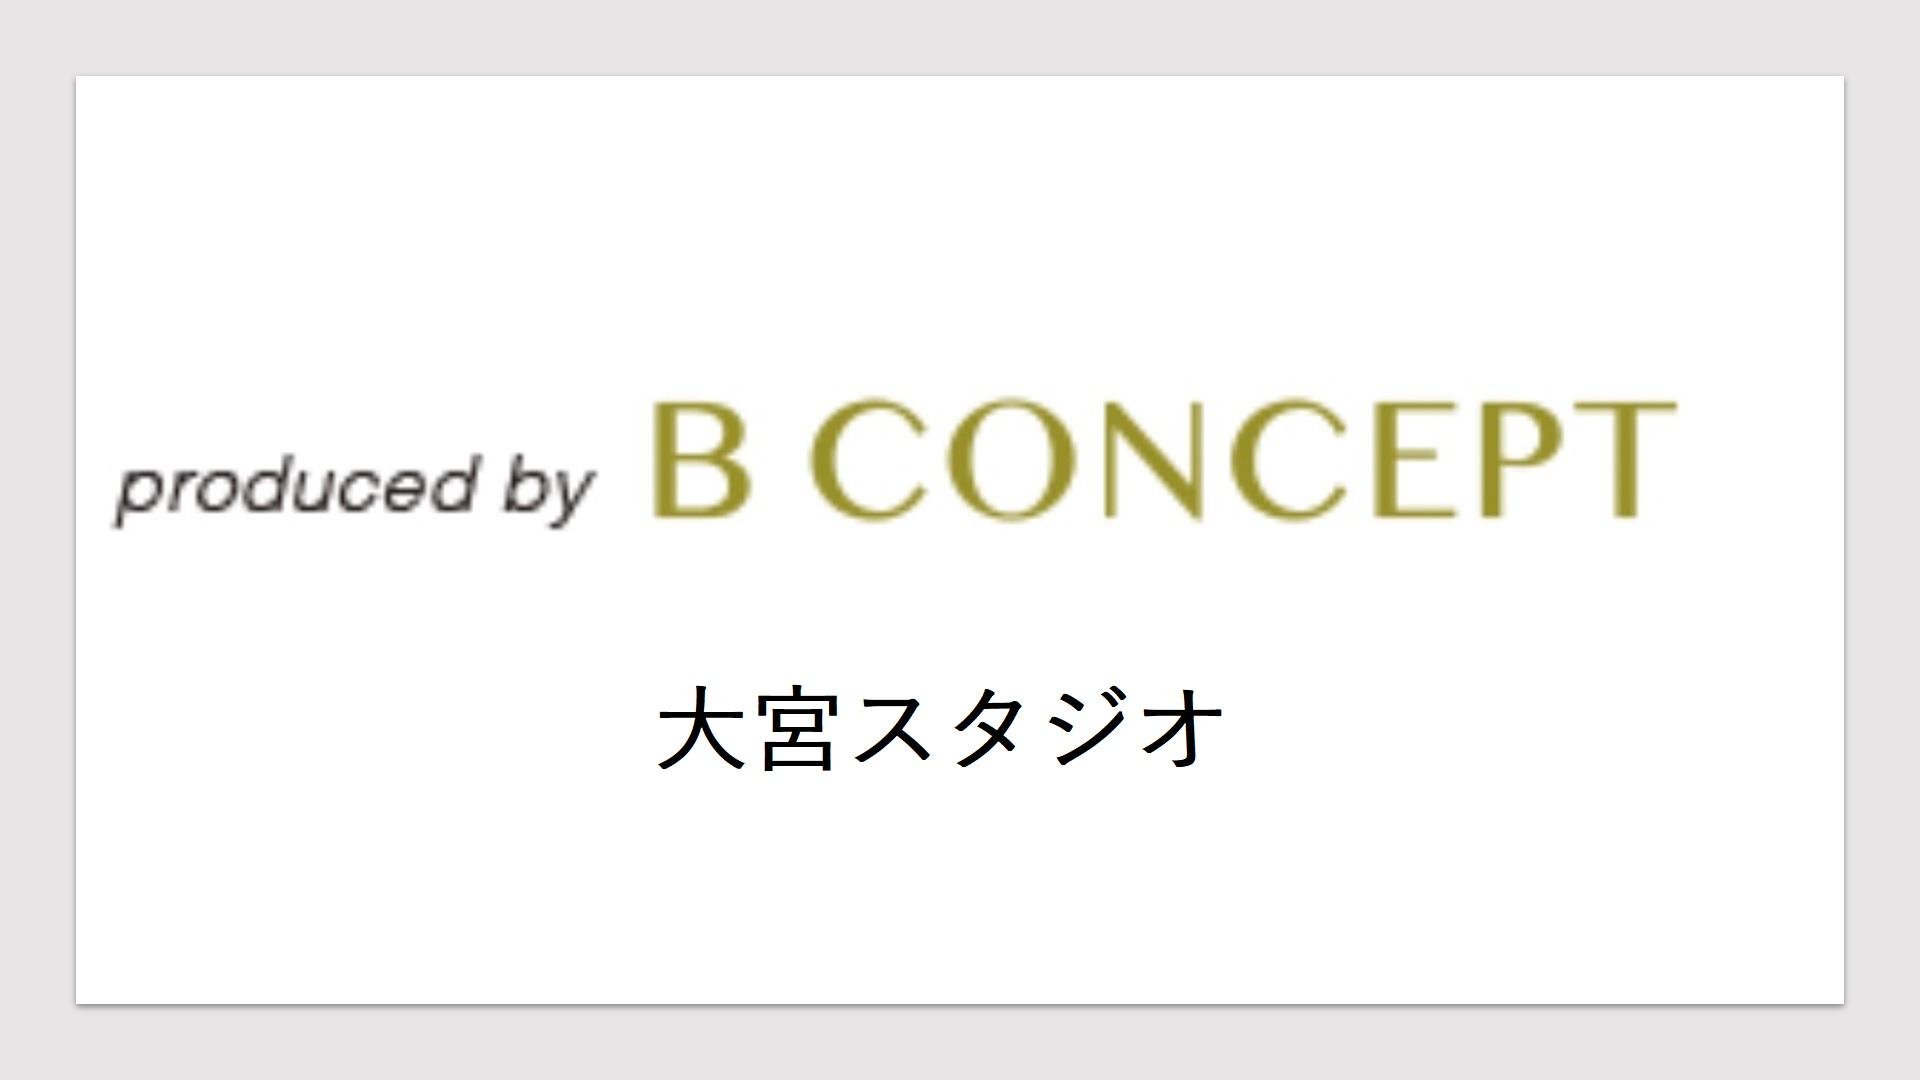 ビーコンセプト(大宮スタジオ)